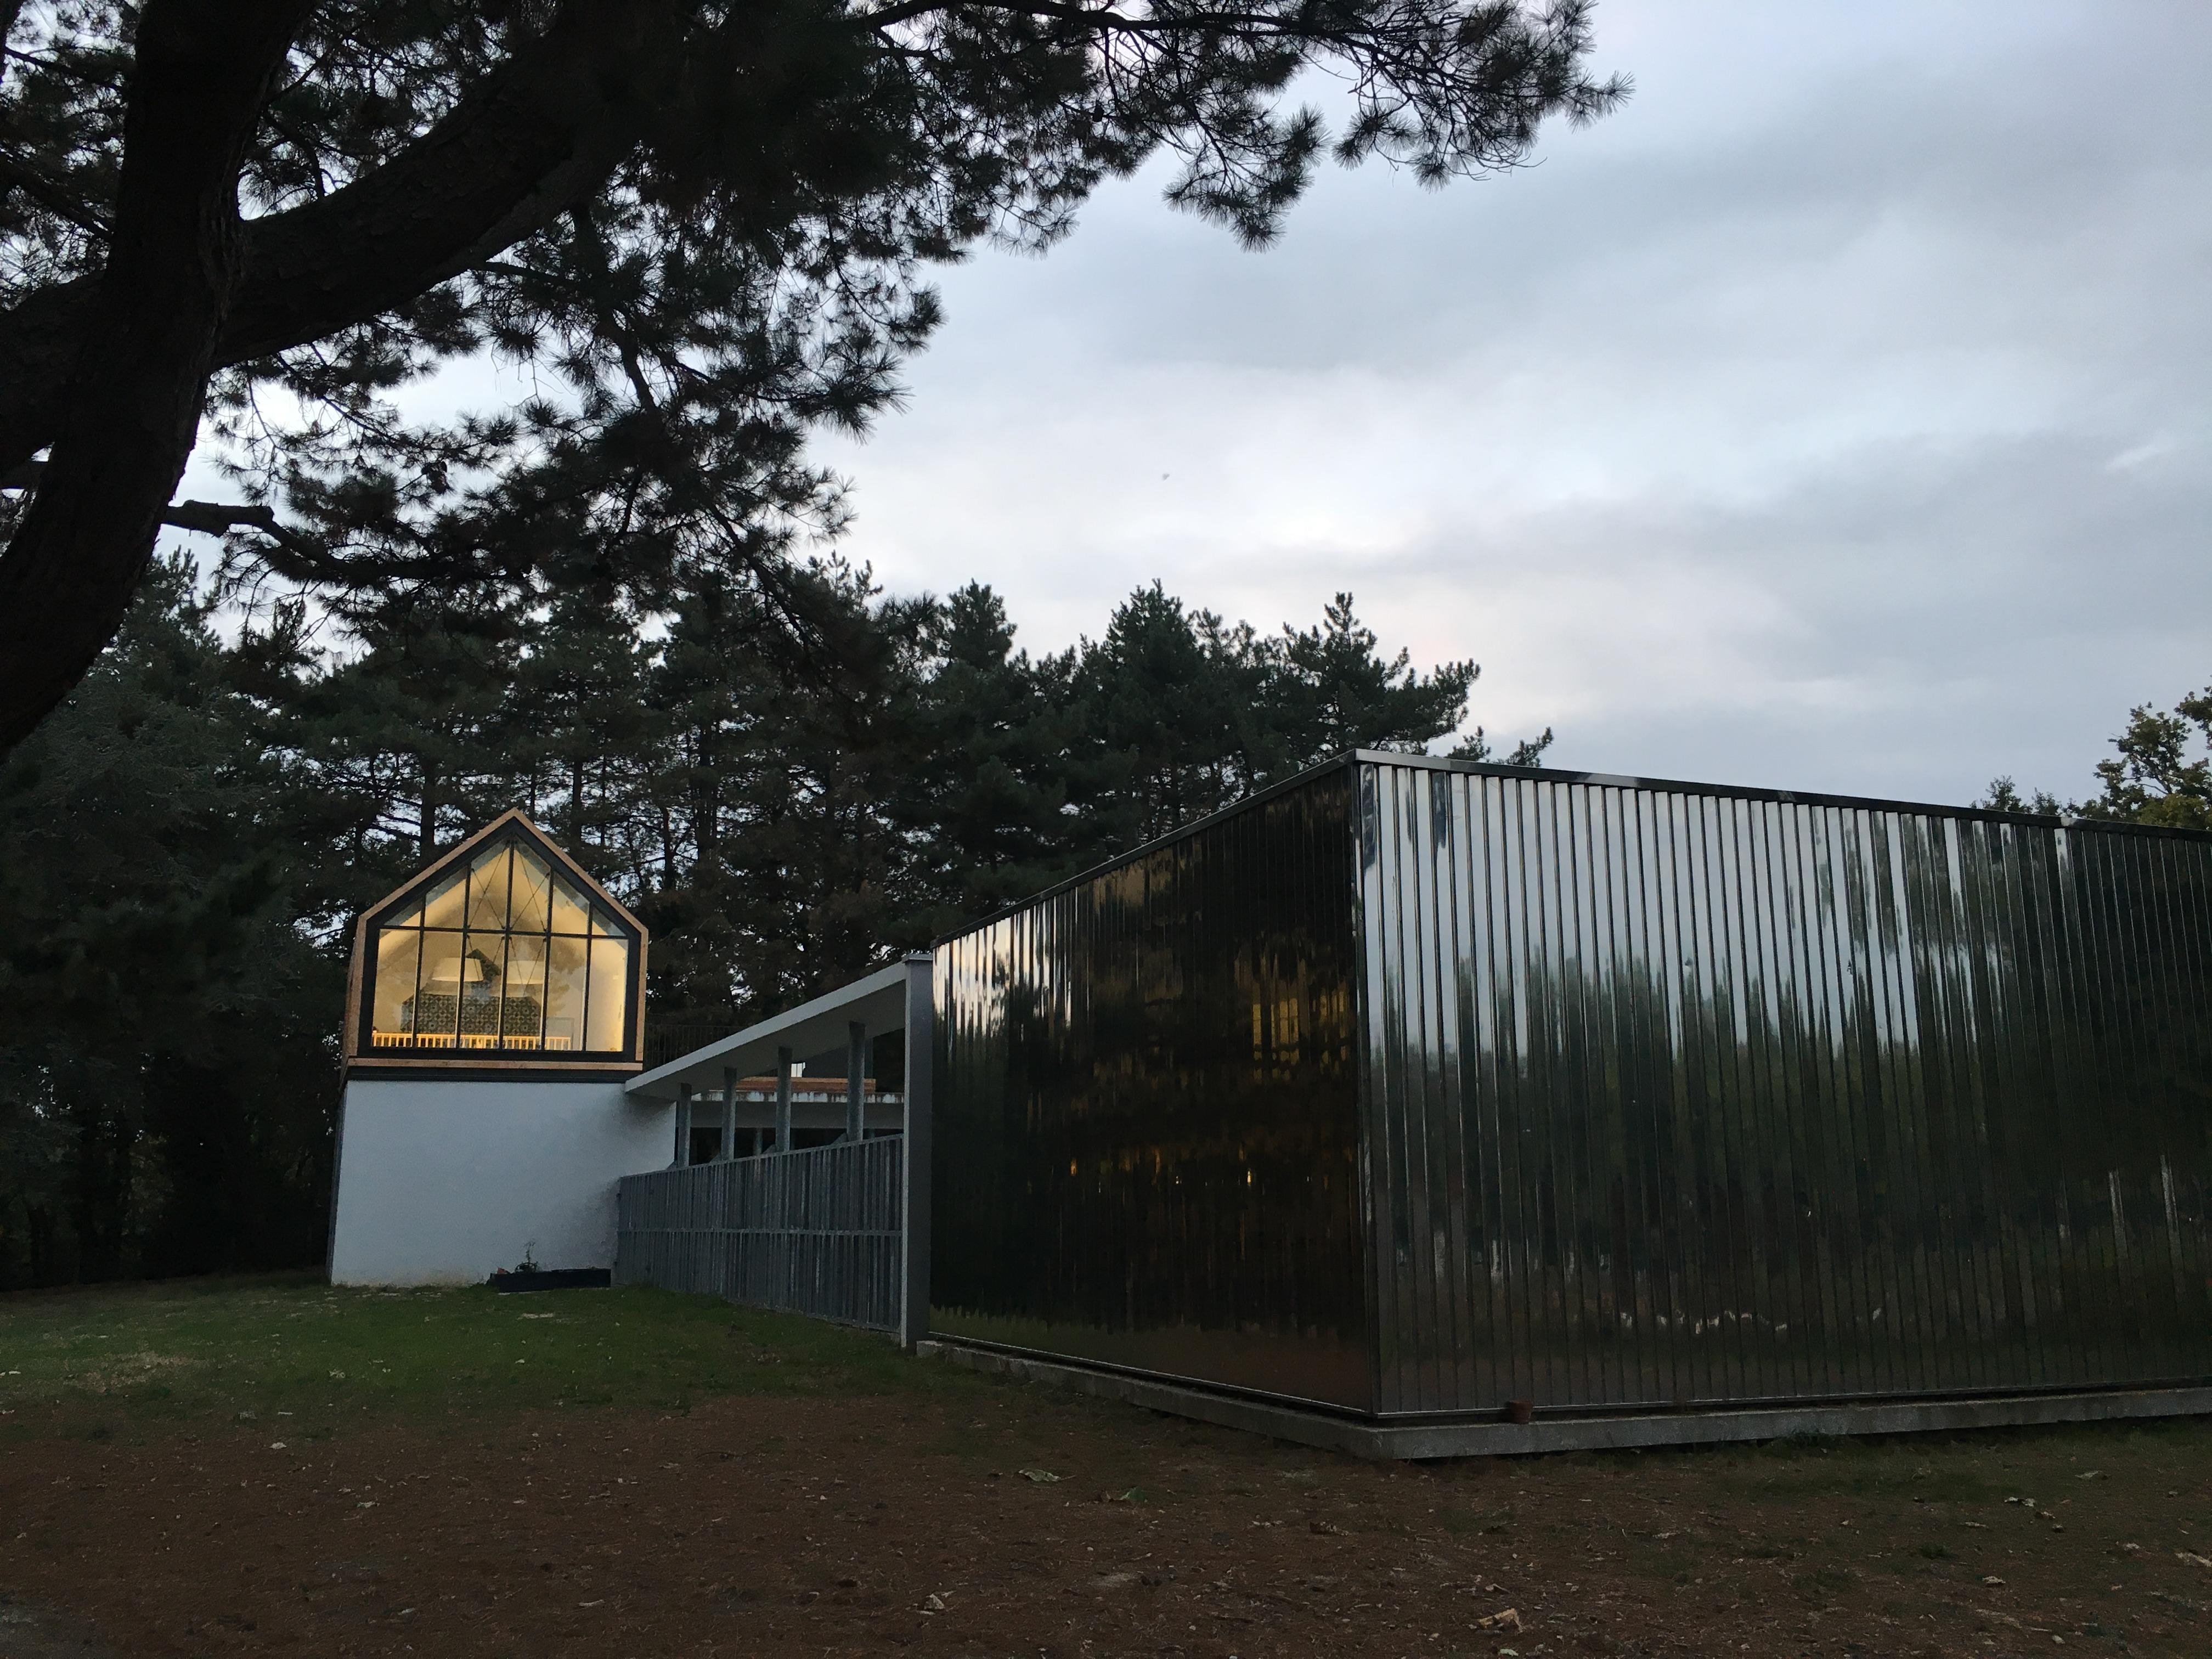 ext-le-jardin-des-poupies-nantes-2016-10-13-19-19-29